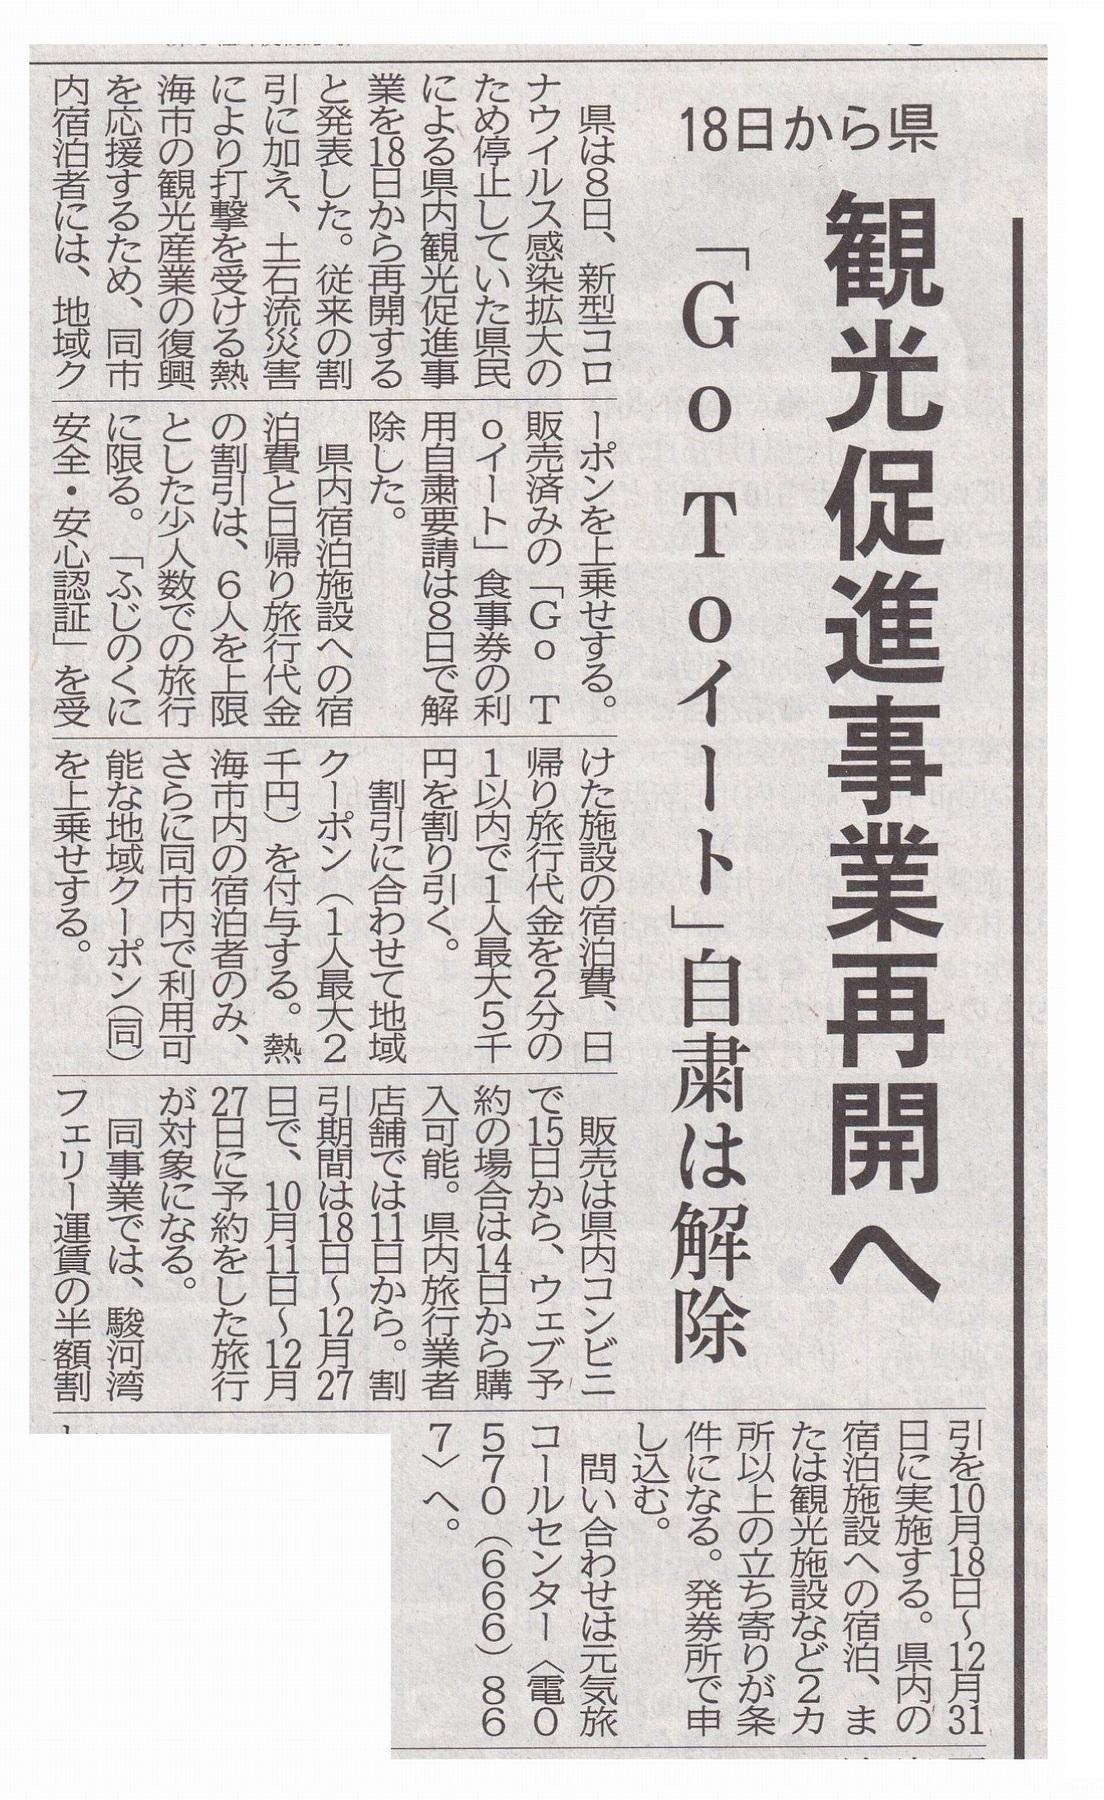 https://www.magaret.jp/mt_img/%E7%9C%8C%E6%B0%91GOTO_JALAN_211009.jpg